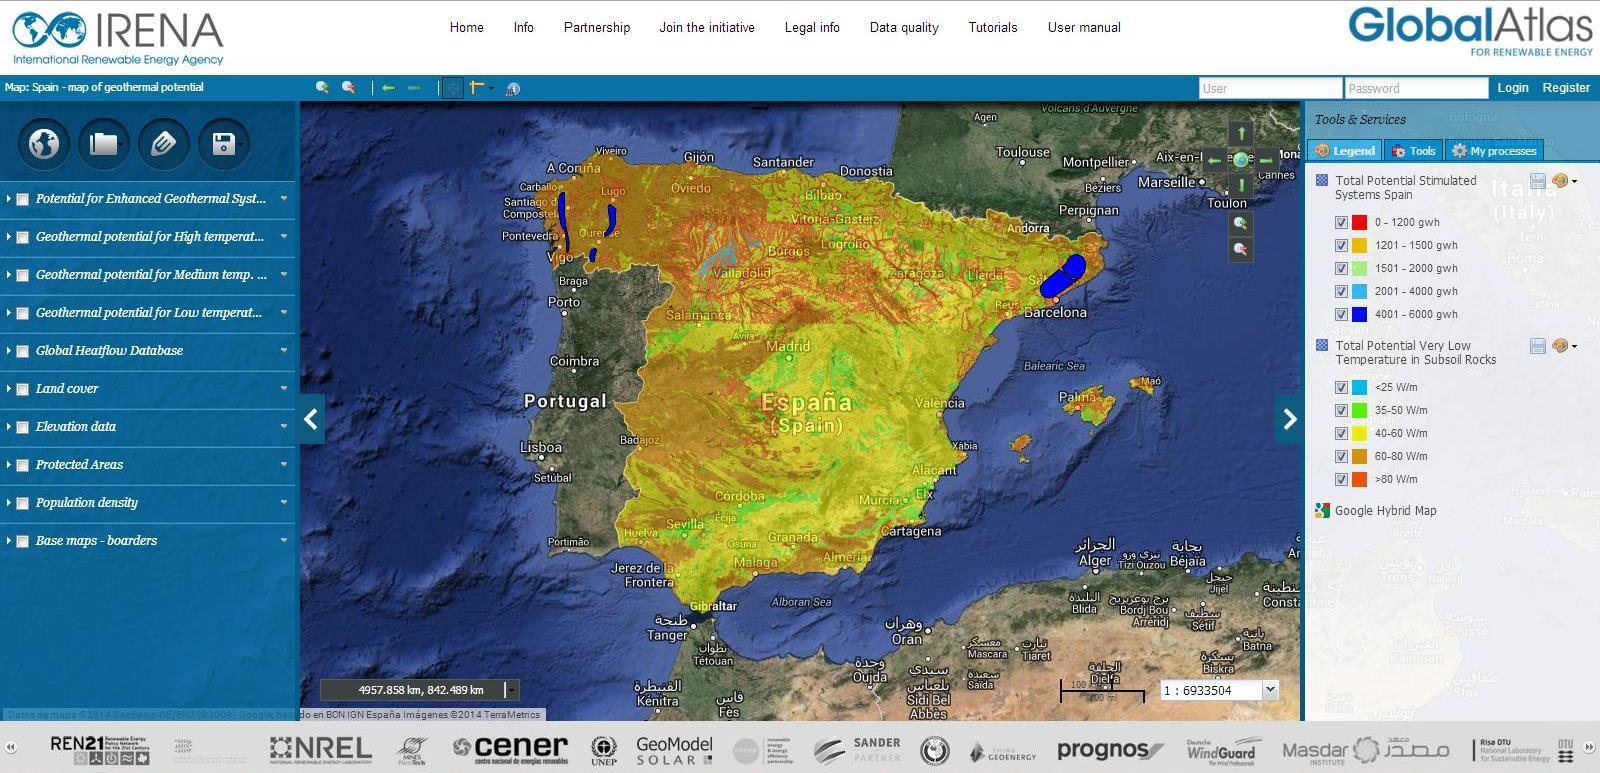 (Español) El Atlas Global de las Energías Renovables de IRENA incorpora datos sobre el potencial geotérmico en España